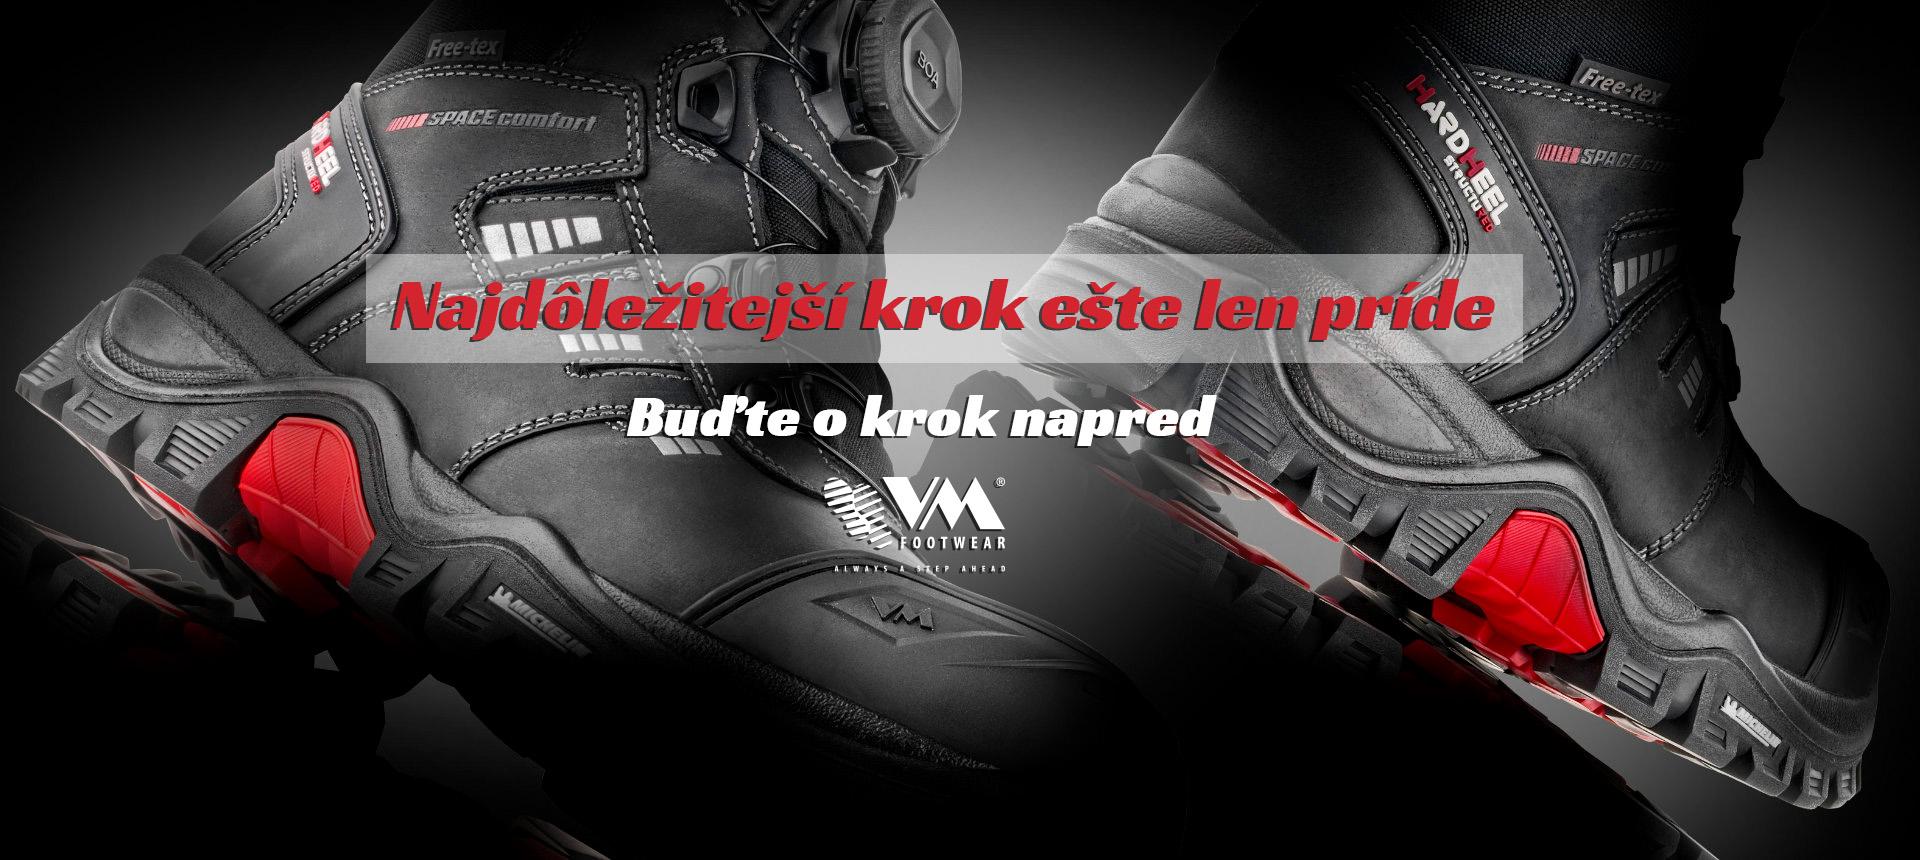 Pracovná a bezpečnostná obuv